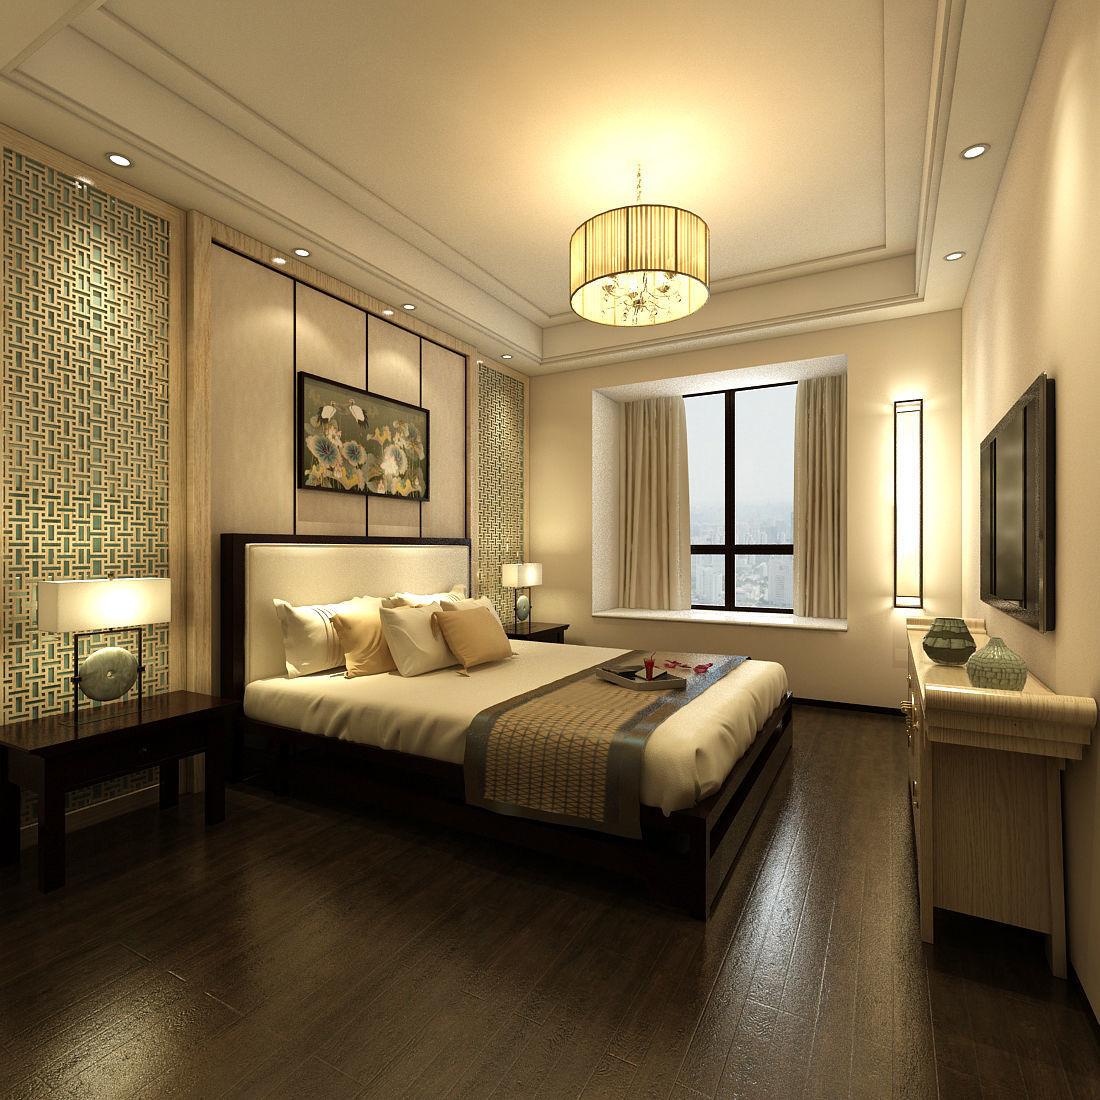 Deluxe master bedroom design 98 3D model MAX on New Model Bedroom Design  id=50468